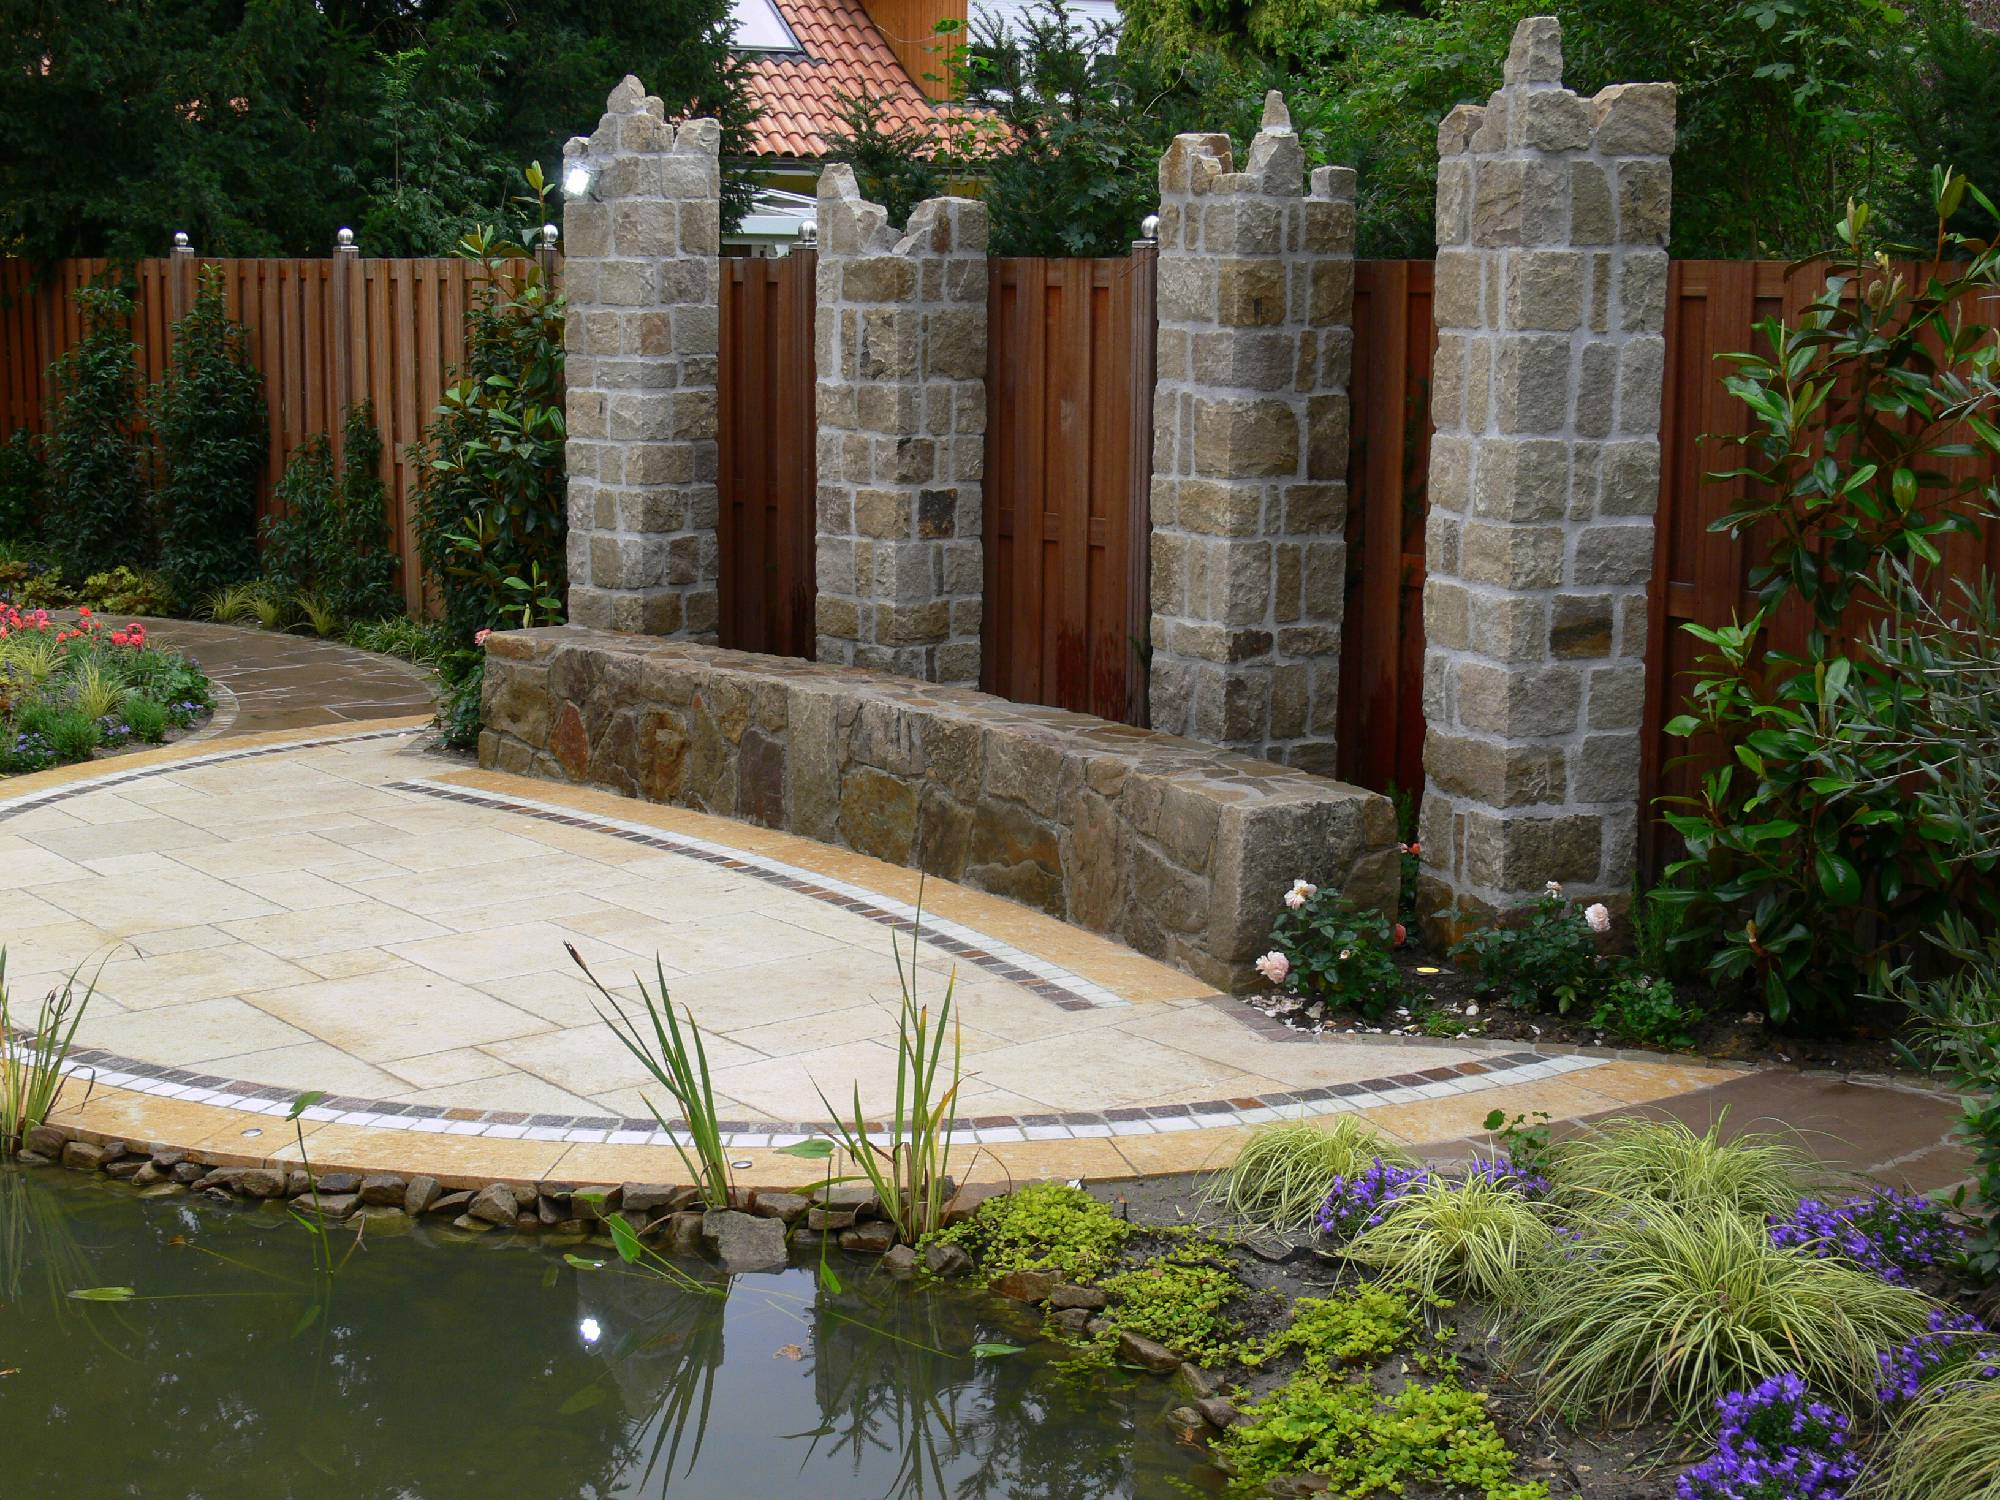 Gartendesign rybka for Gartendesign